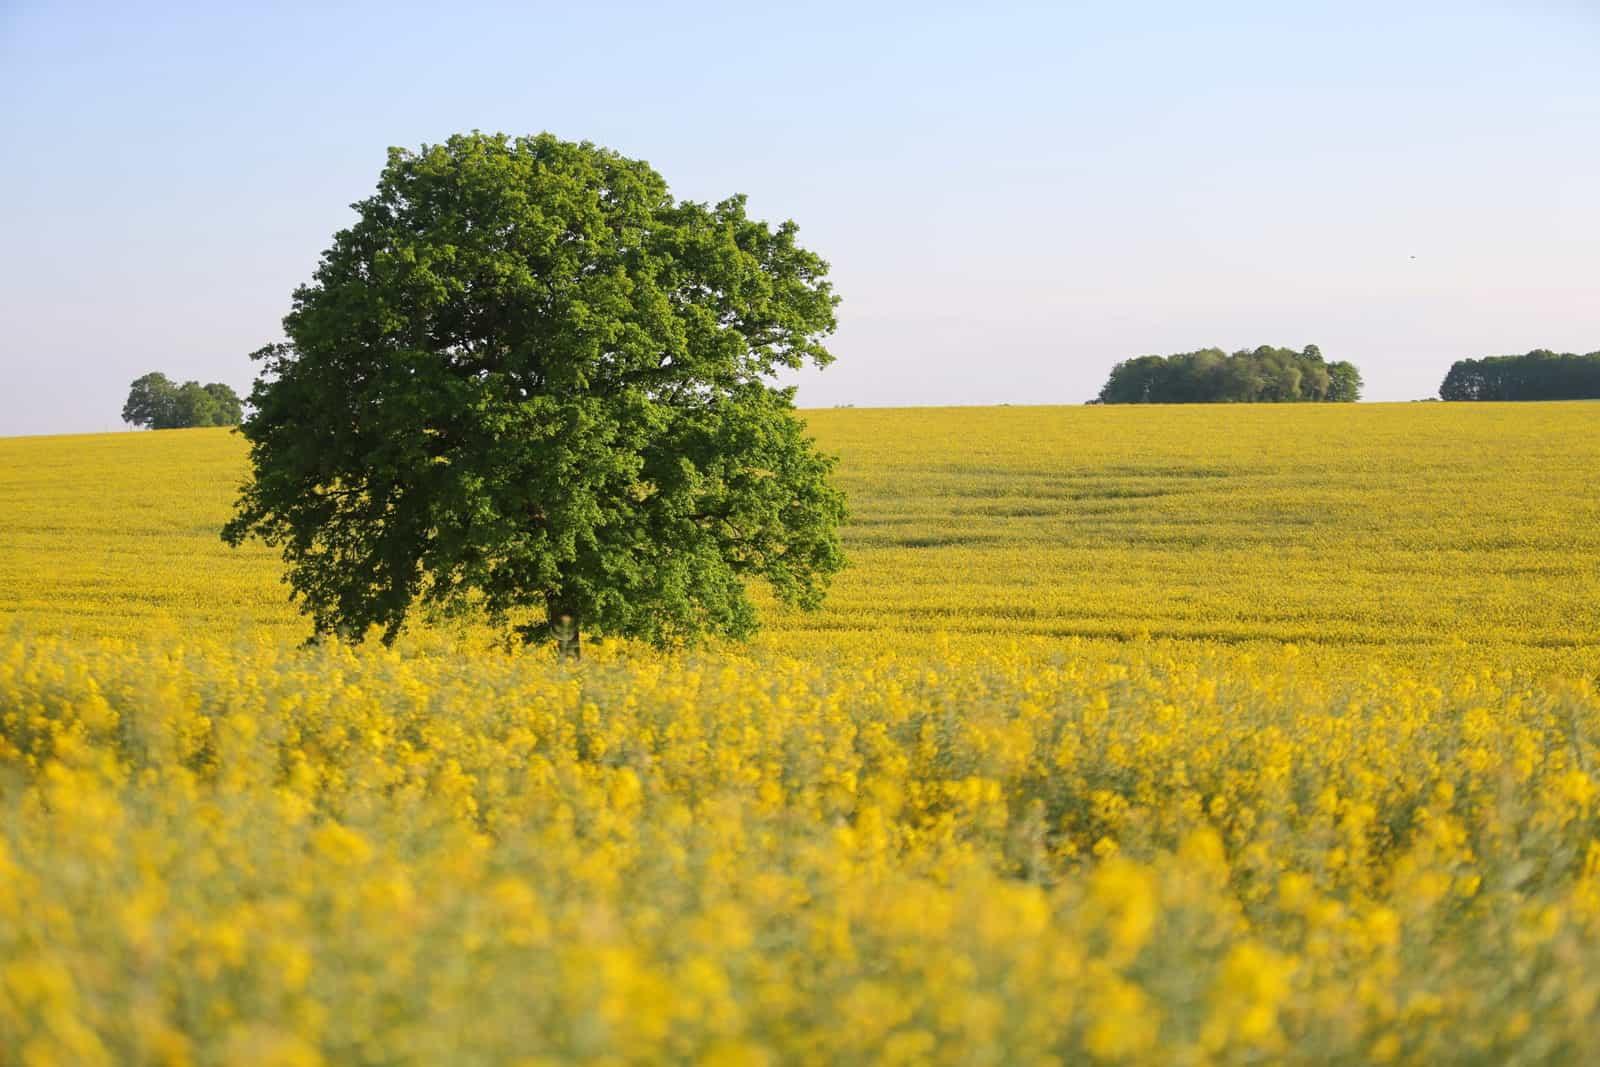 Paysage de champ de colza et arbre solitaire - gîte rural de Haute Forêt en Vallée du Loir